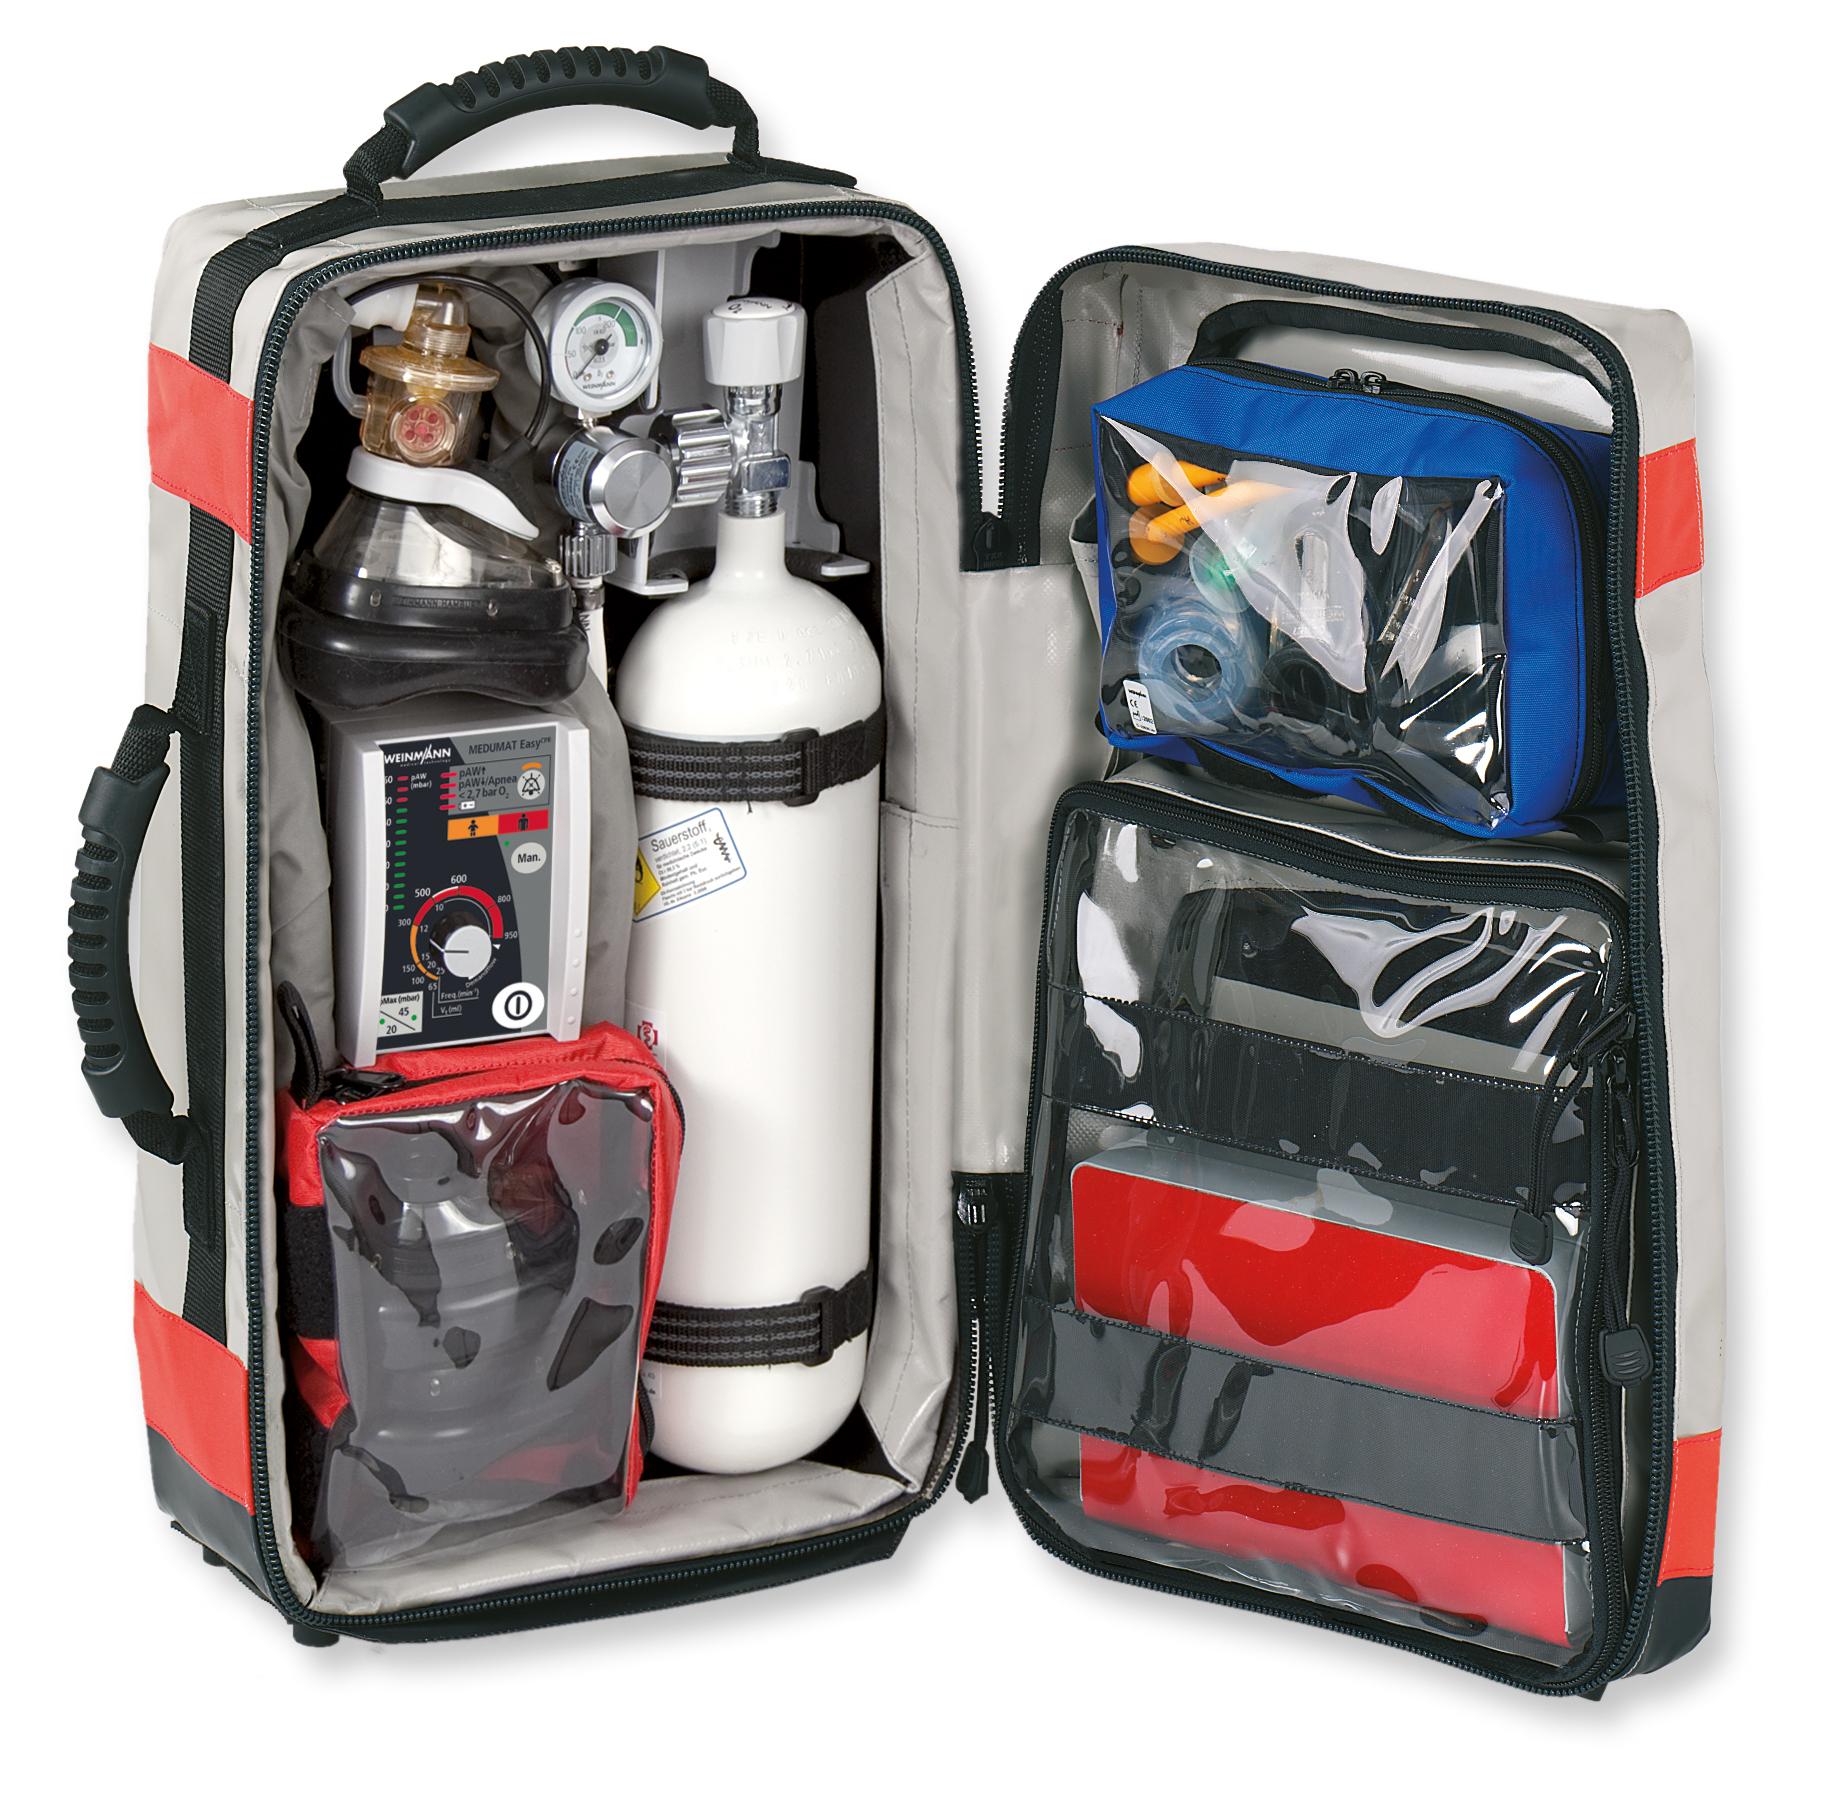 RESCUE-PACK I mit Grundausstattung Atmung  mit MEDUMAT Easy CPR